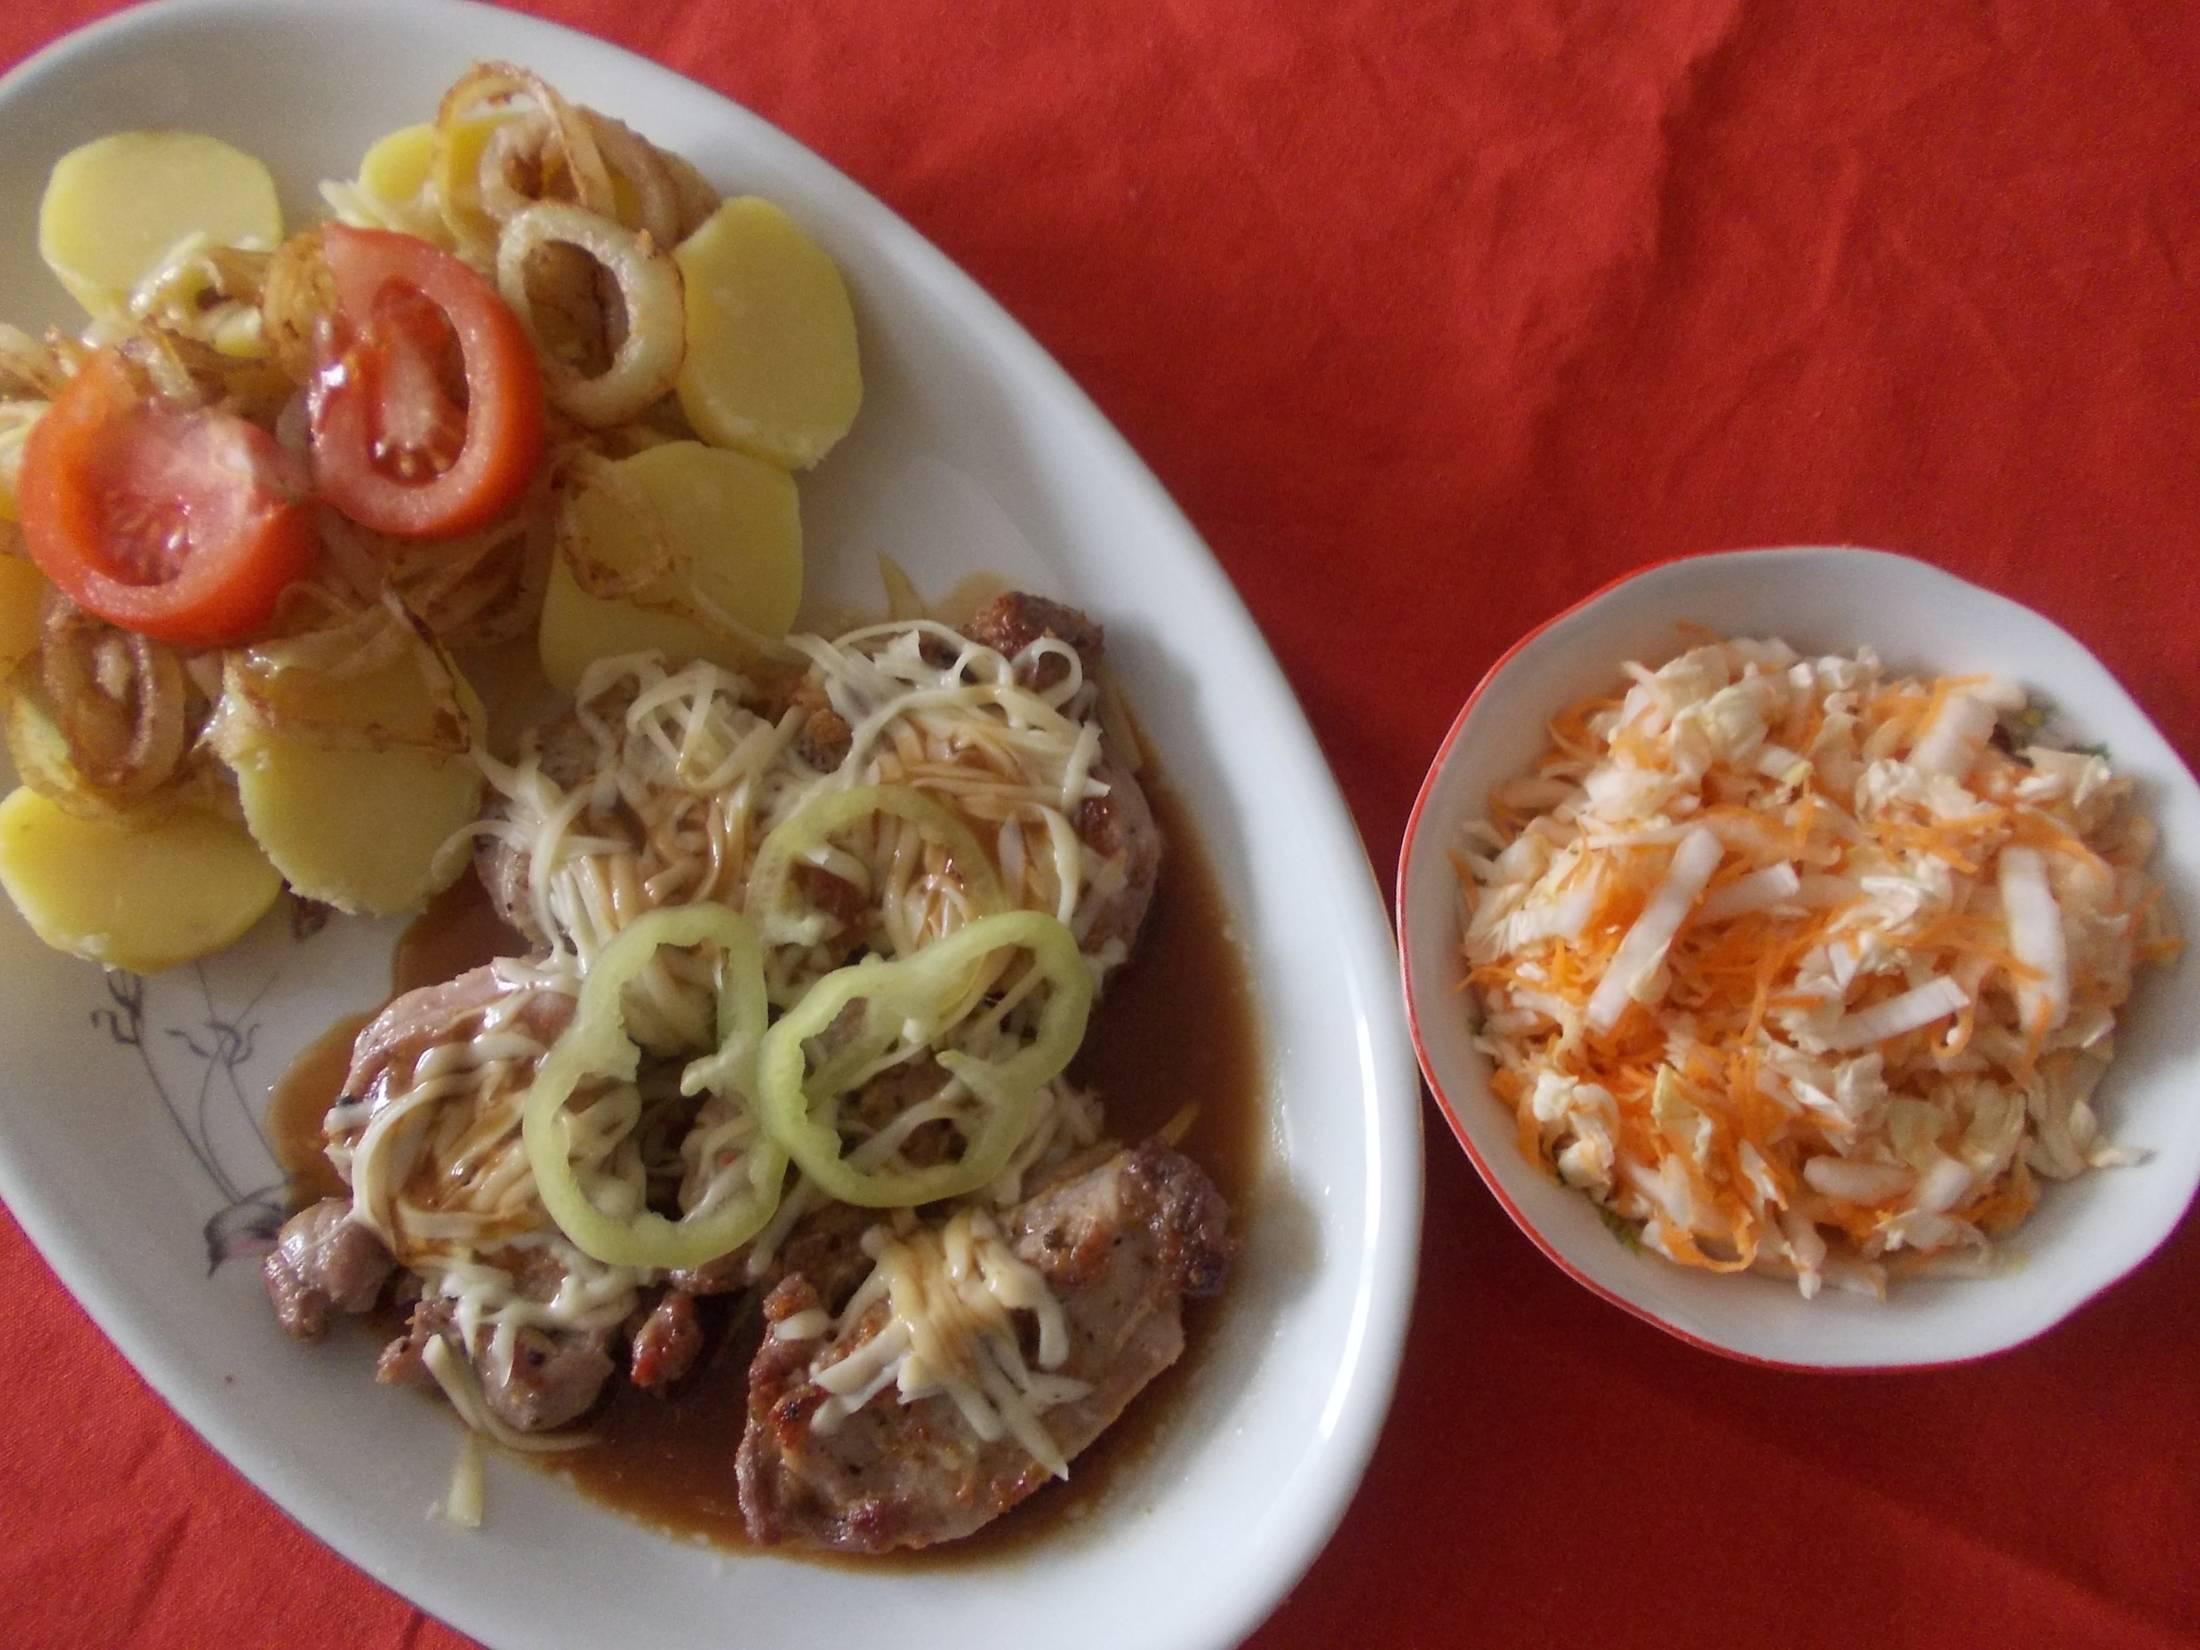 Recept Vepřové medailonky s bramborem a smaženými cibulovými kroužky - Vepřové medailonky s bramborem a smaženými cibulovými kroužky